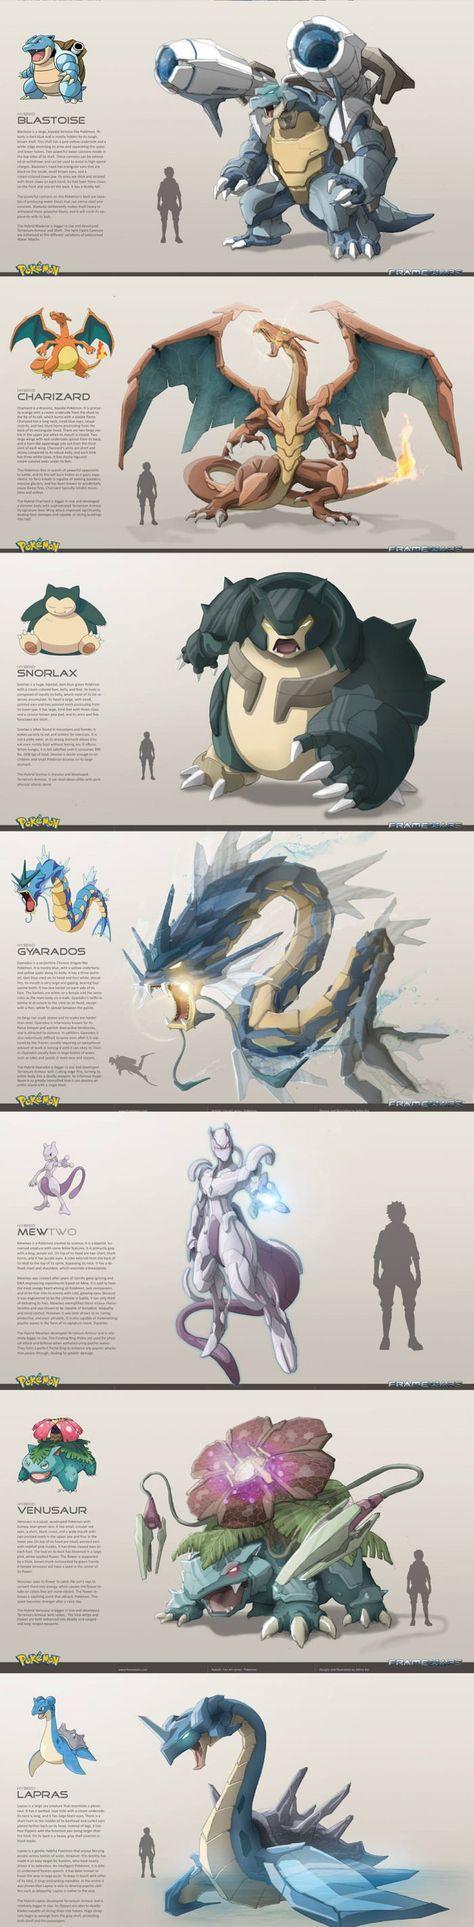 Los pokemones en la vida real.